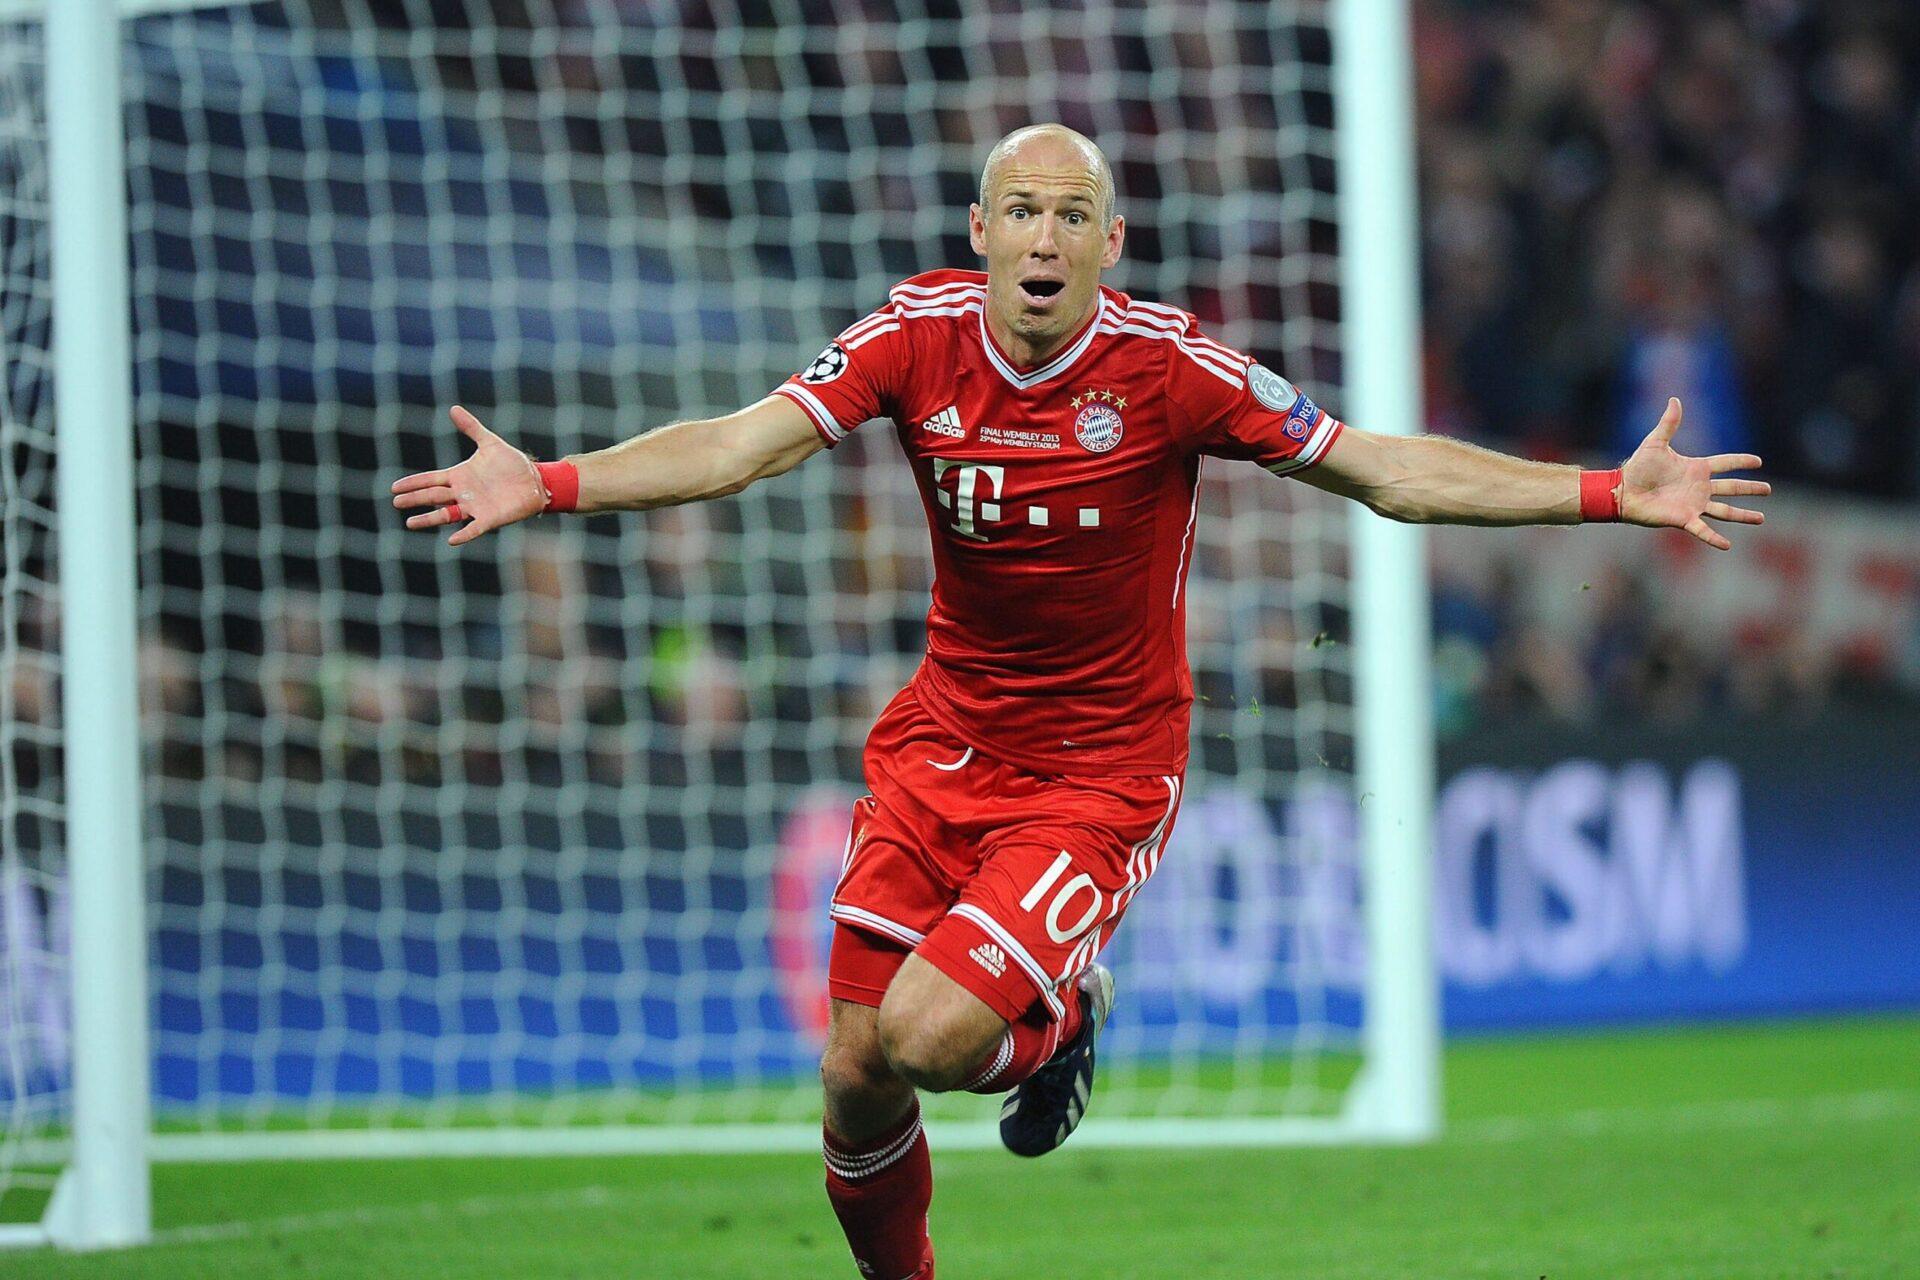 Vainqueur d'une Ligue des champions en 2013, Arjen Robben avait inscrit le but de la victoire en finale contre Dortmund à la 89e minute (iconsport)